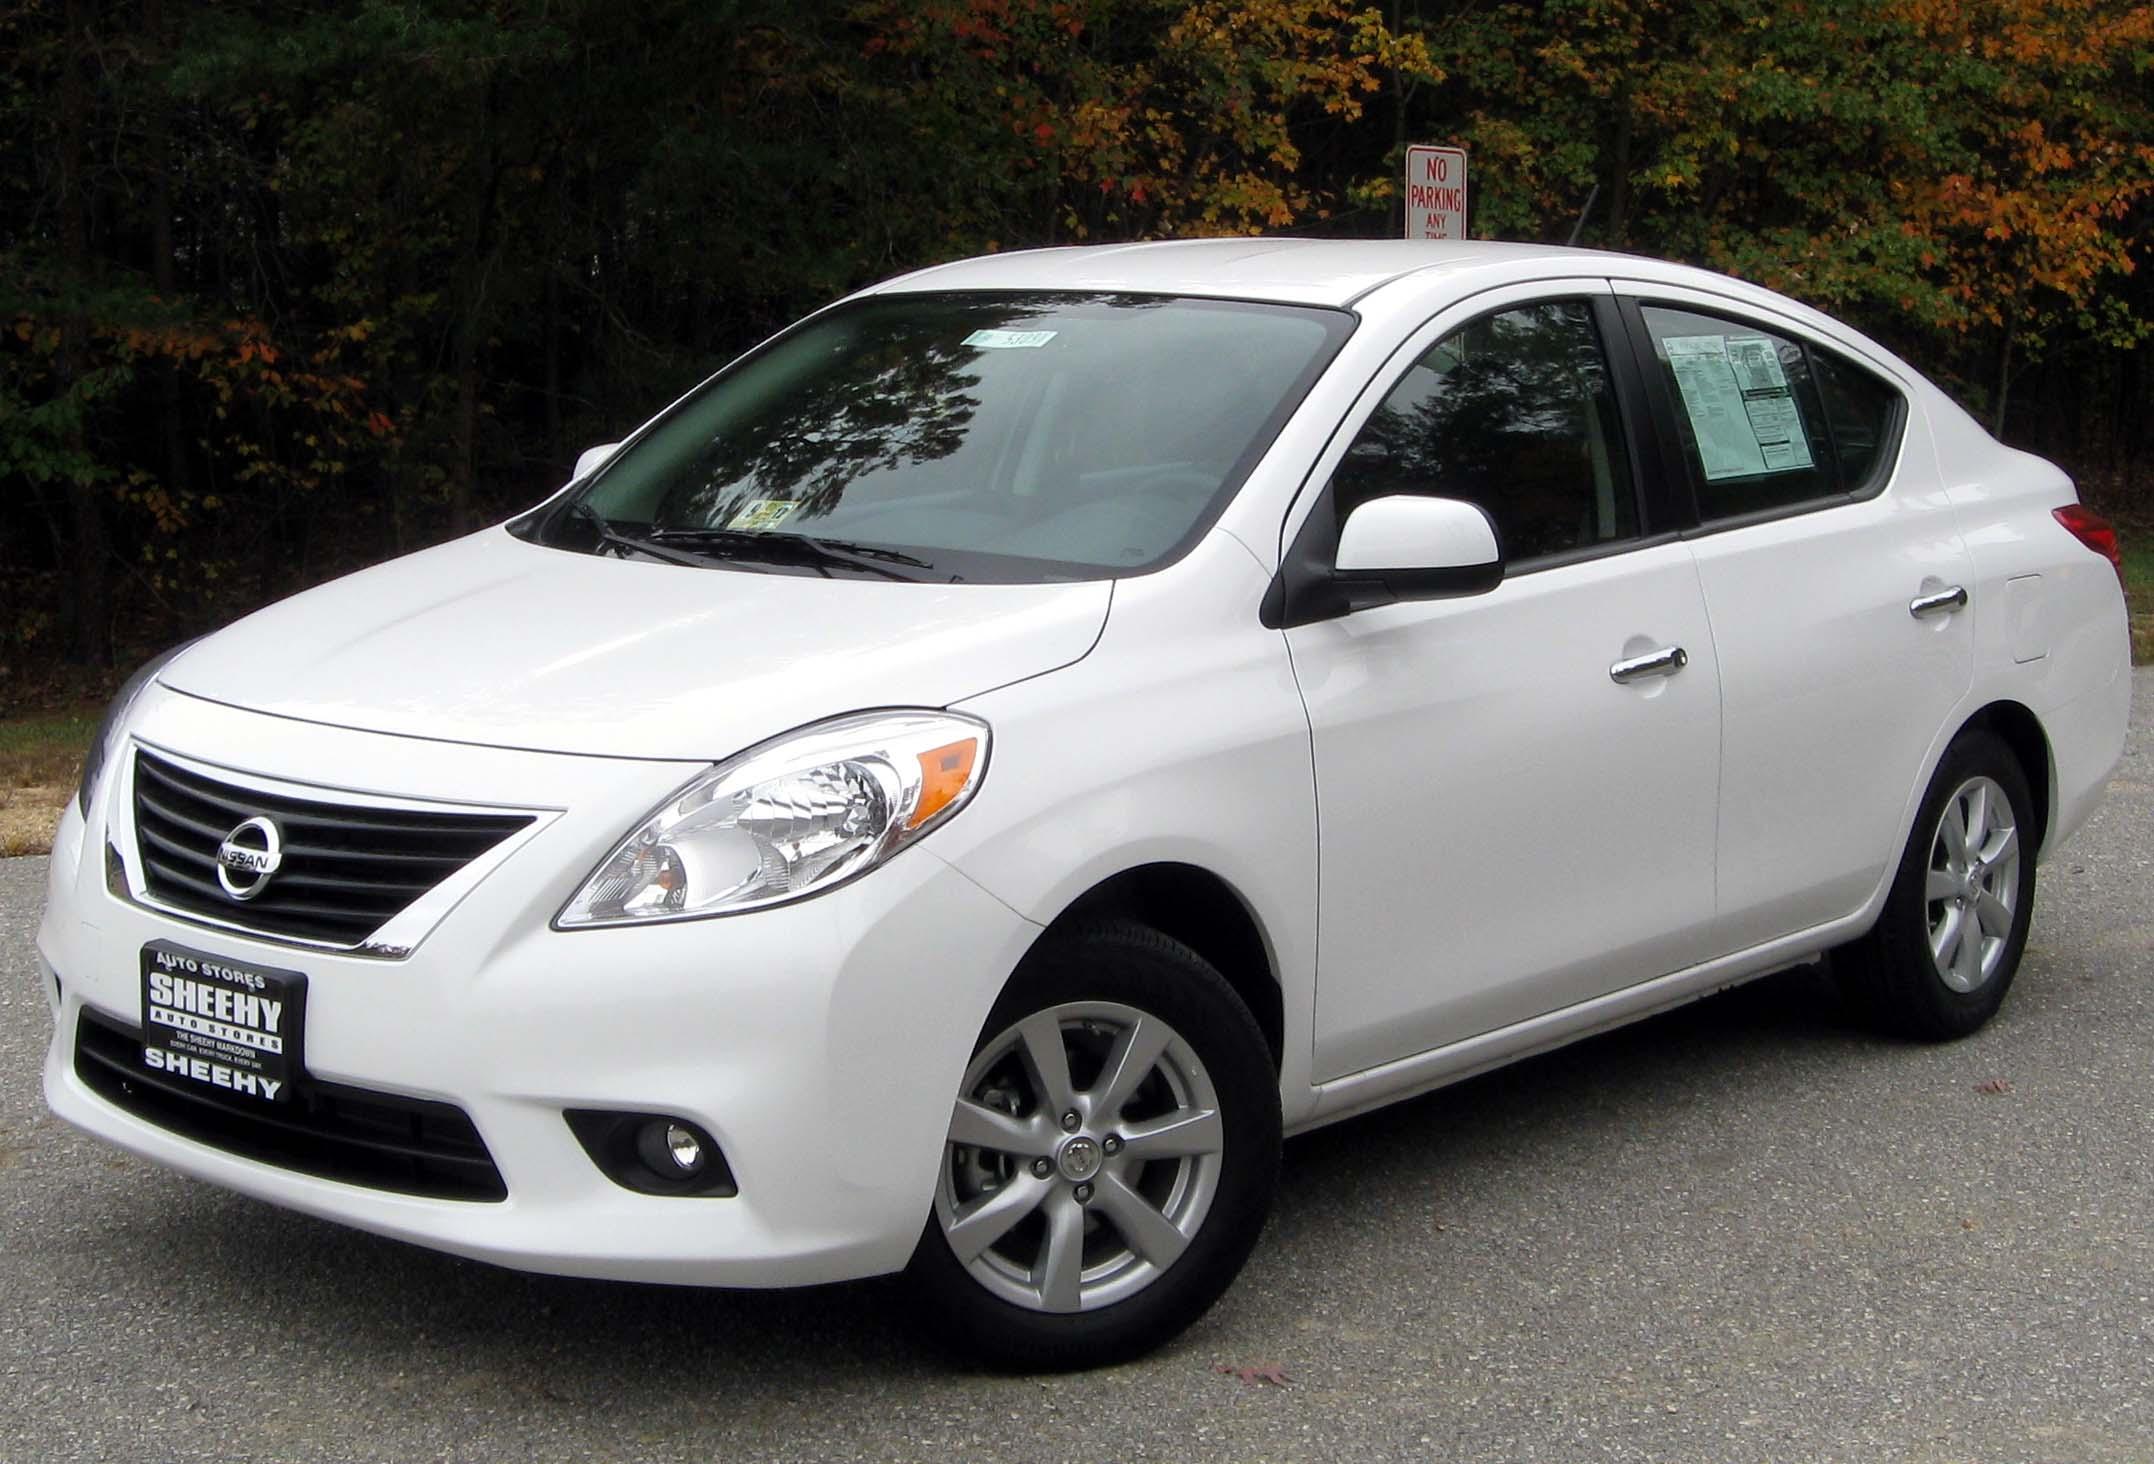 Nissan versa 2012 white image gallery hcpr 2012 nissan versa 1 nissan versa 1 vanachro Images